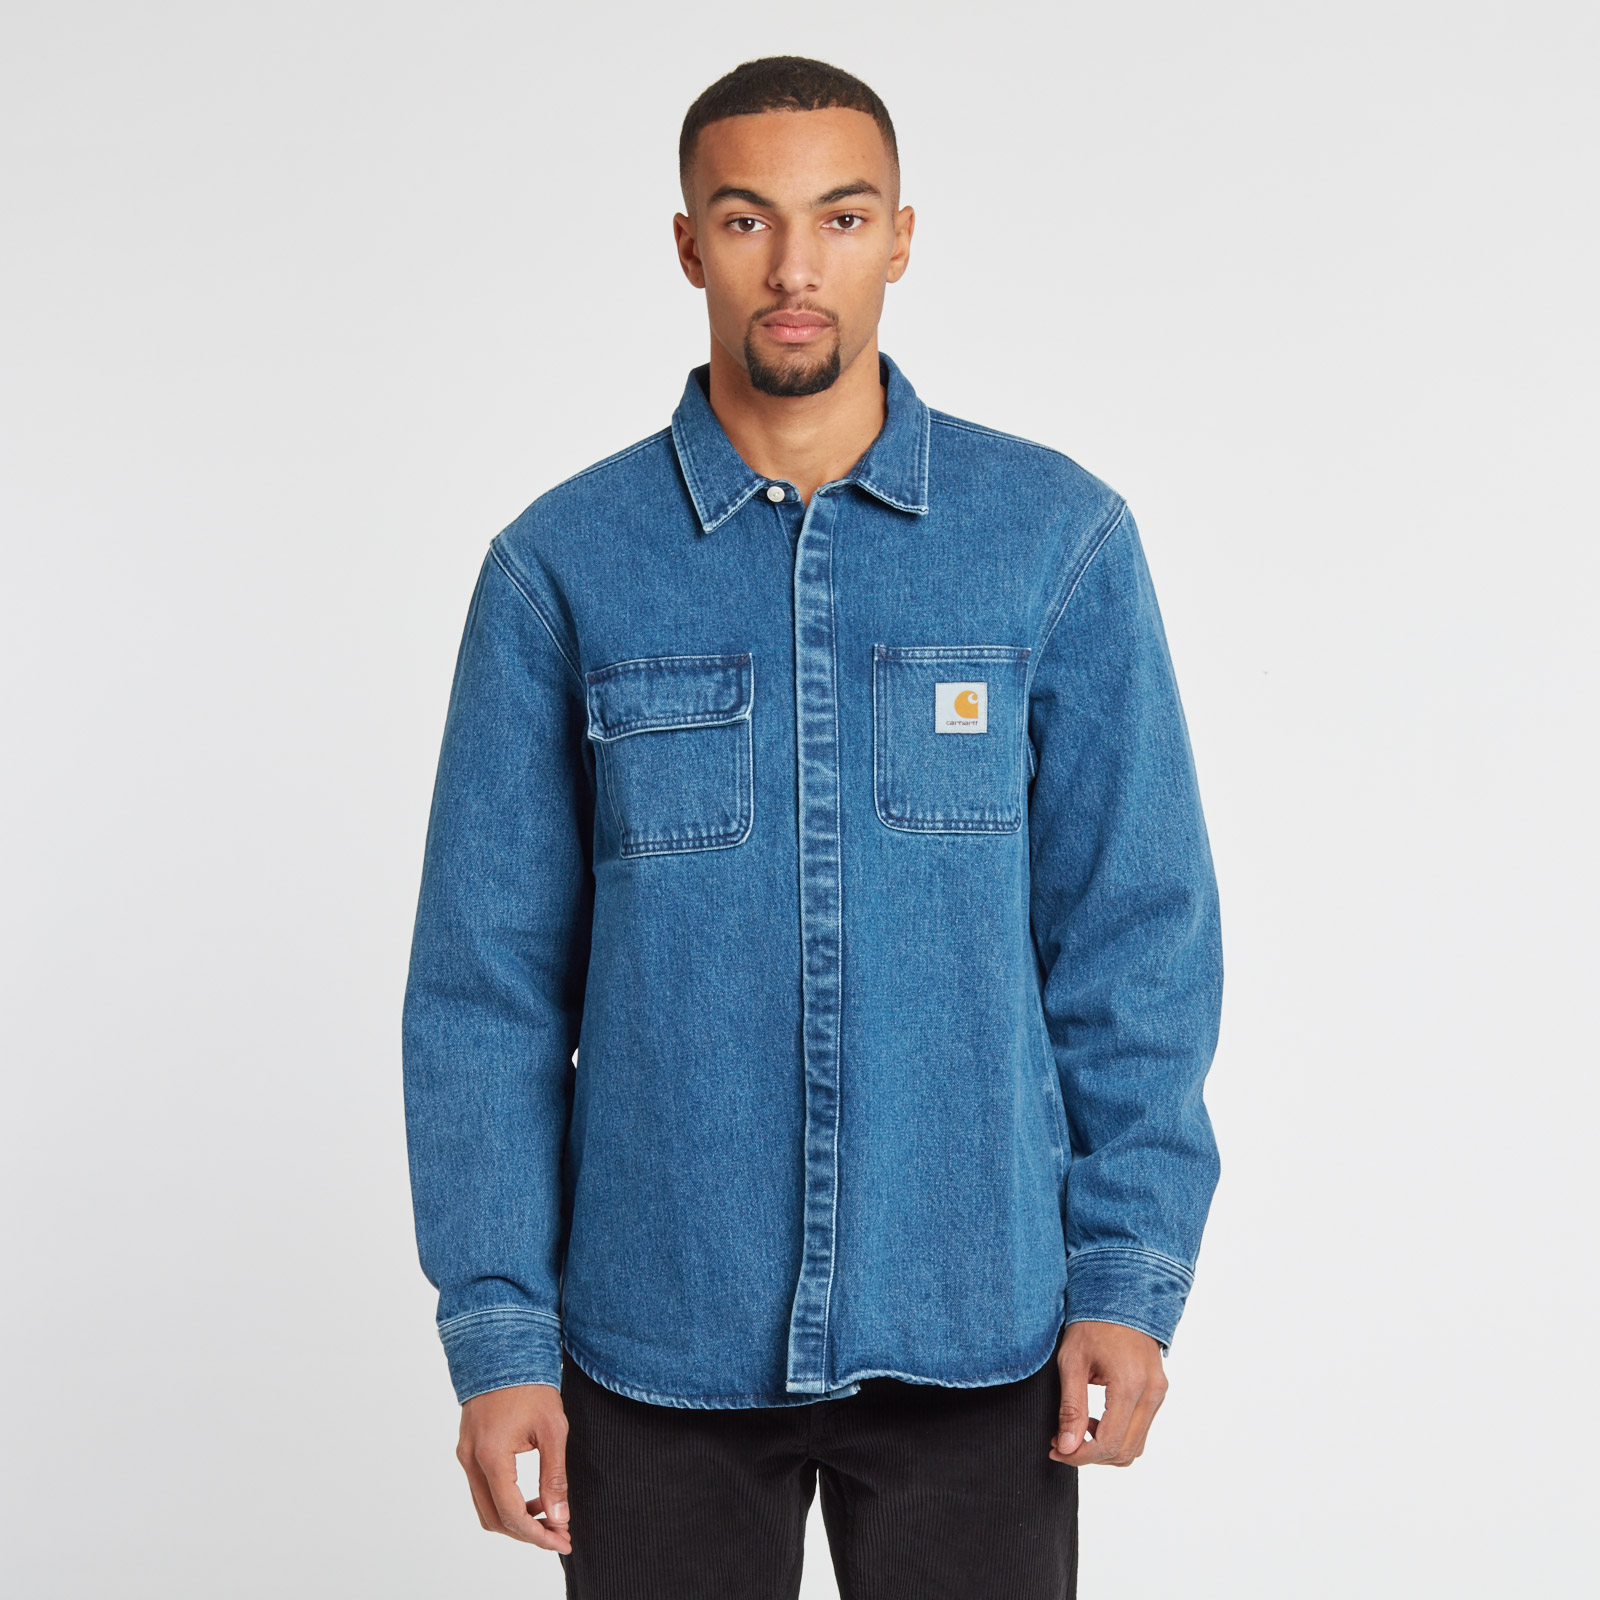 923764ee77 Carhartt WIP Salinac Shirt Jacket - I023977.01.06.03 ...